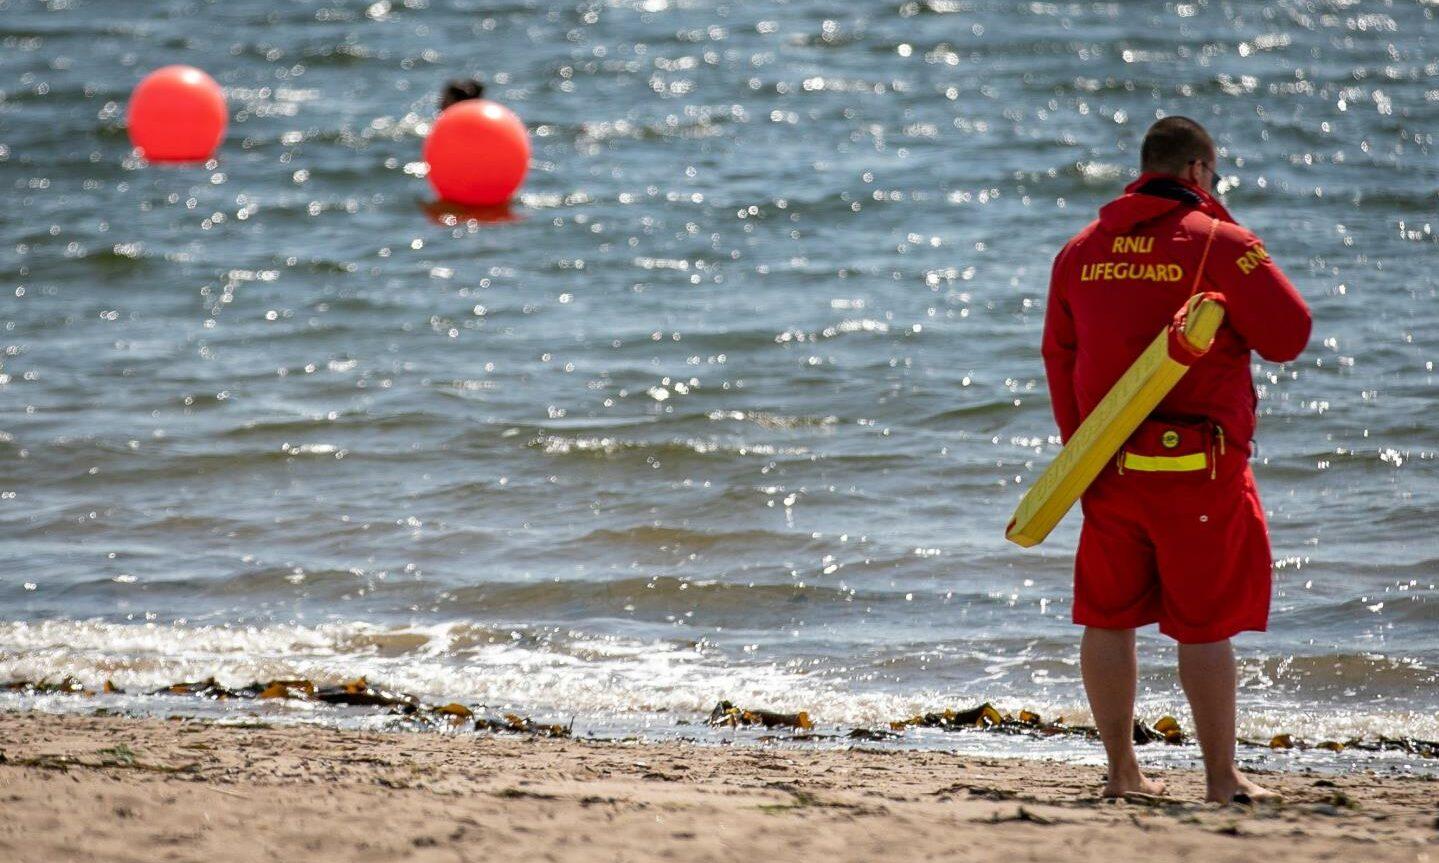 An RNLI lifeguard patrolling on a beach